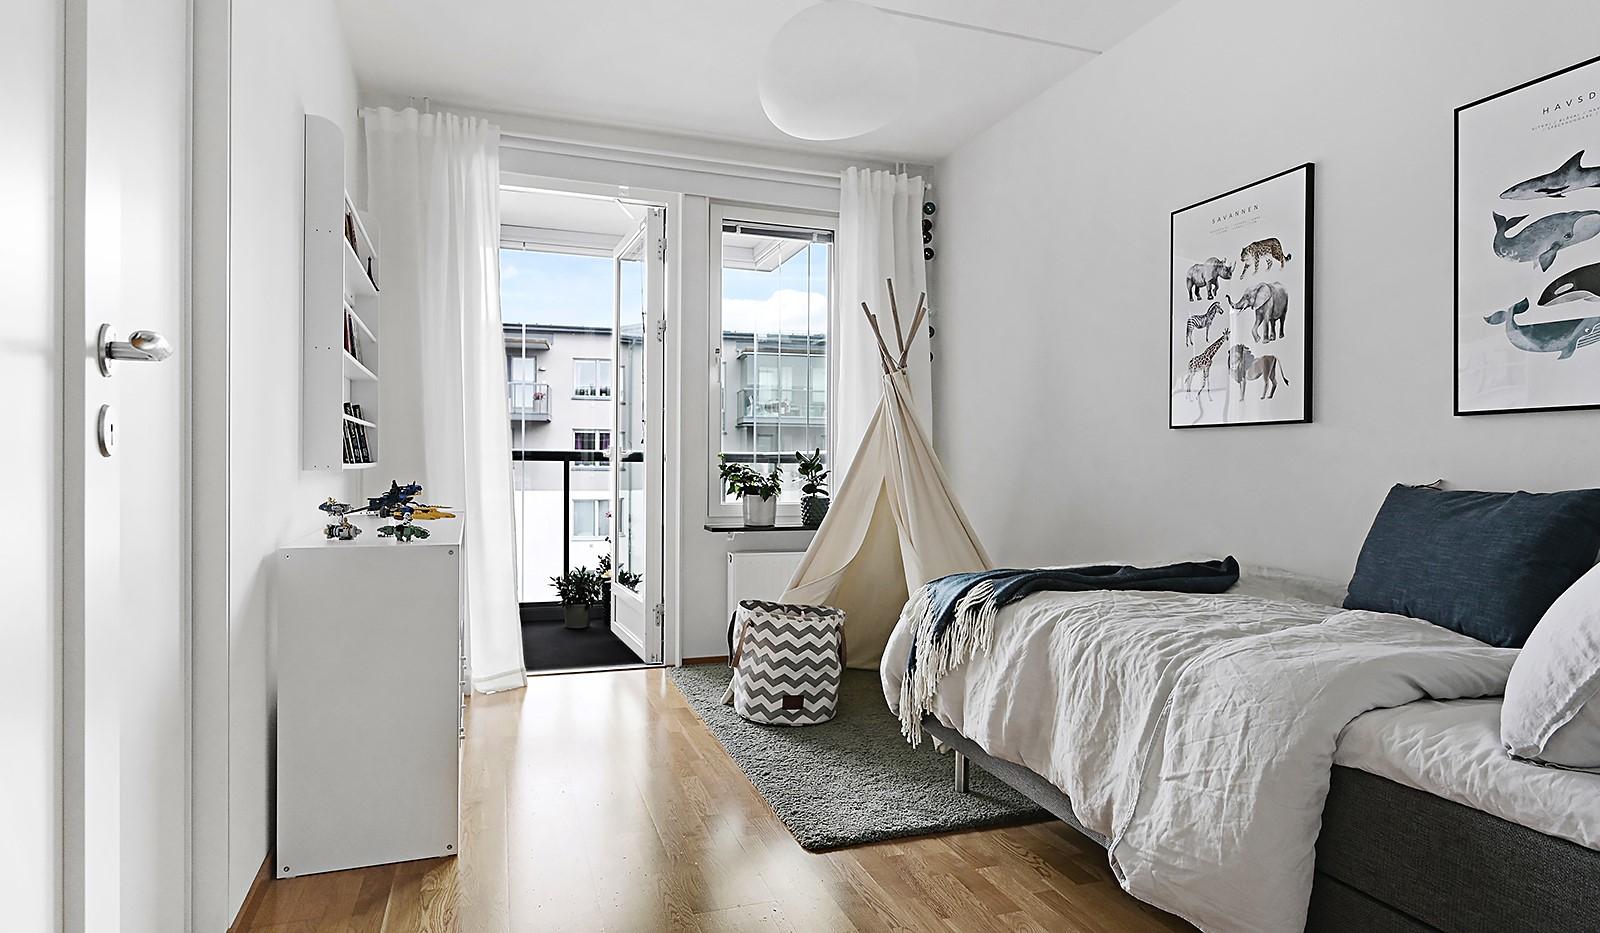 Grönbrinksgatan 8, 6 tr - Från sovrummet når man den stora balkongen